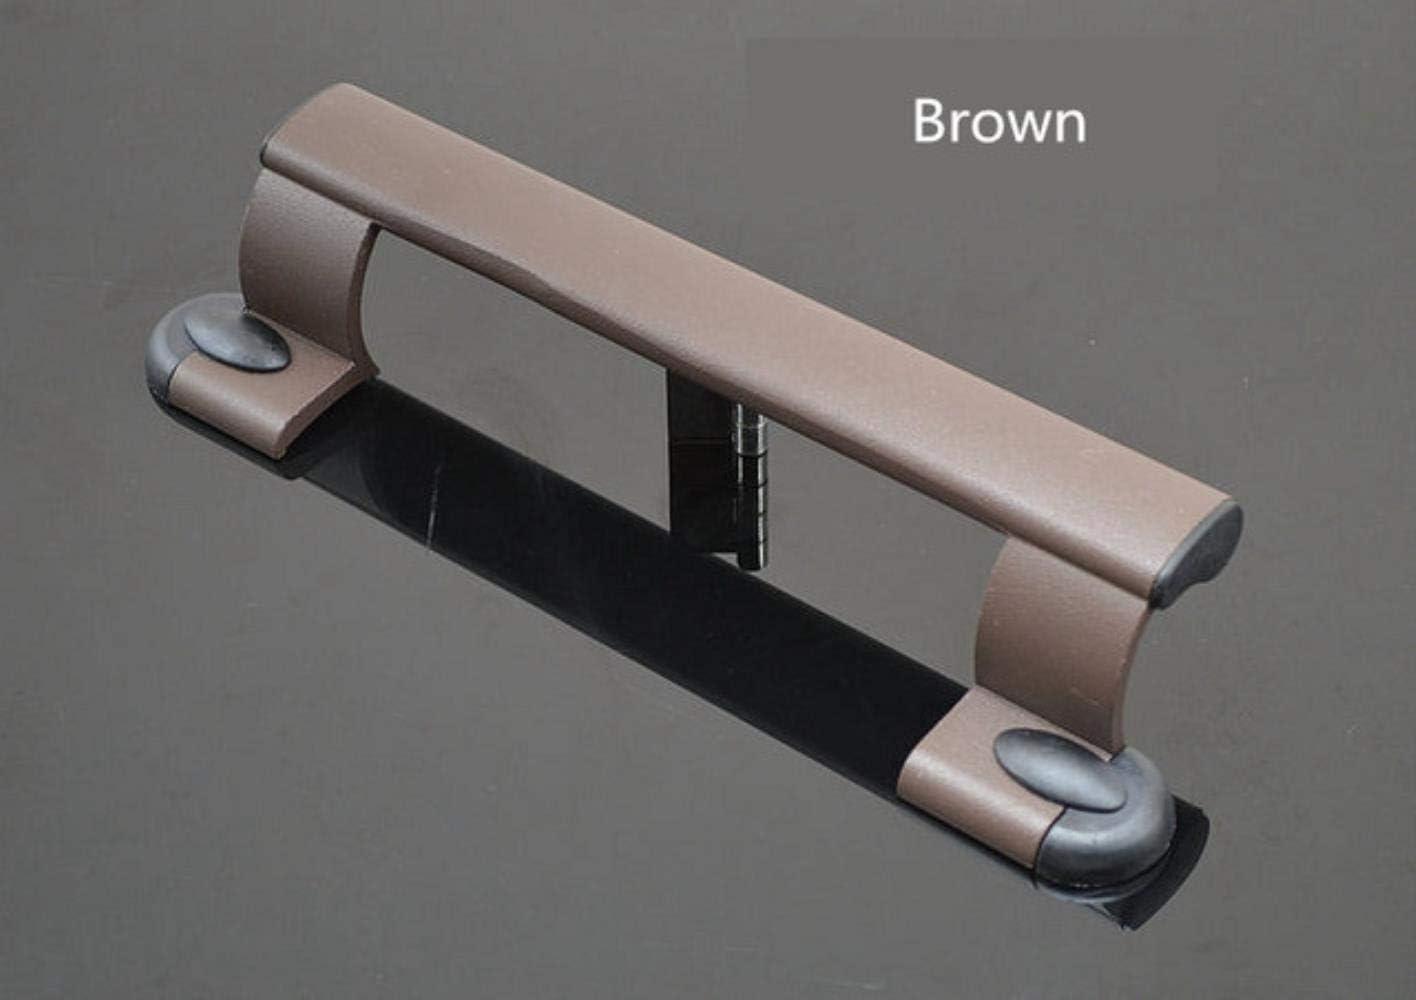 Ensalada manos puerta corredera de aleación de aluminio puerta de plástico con la manija de sacudida tirador, marrón